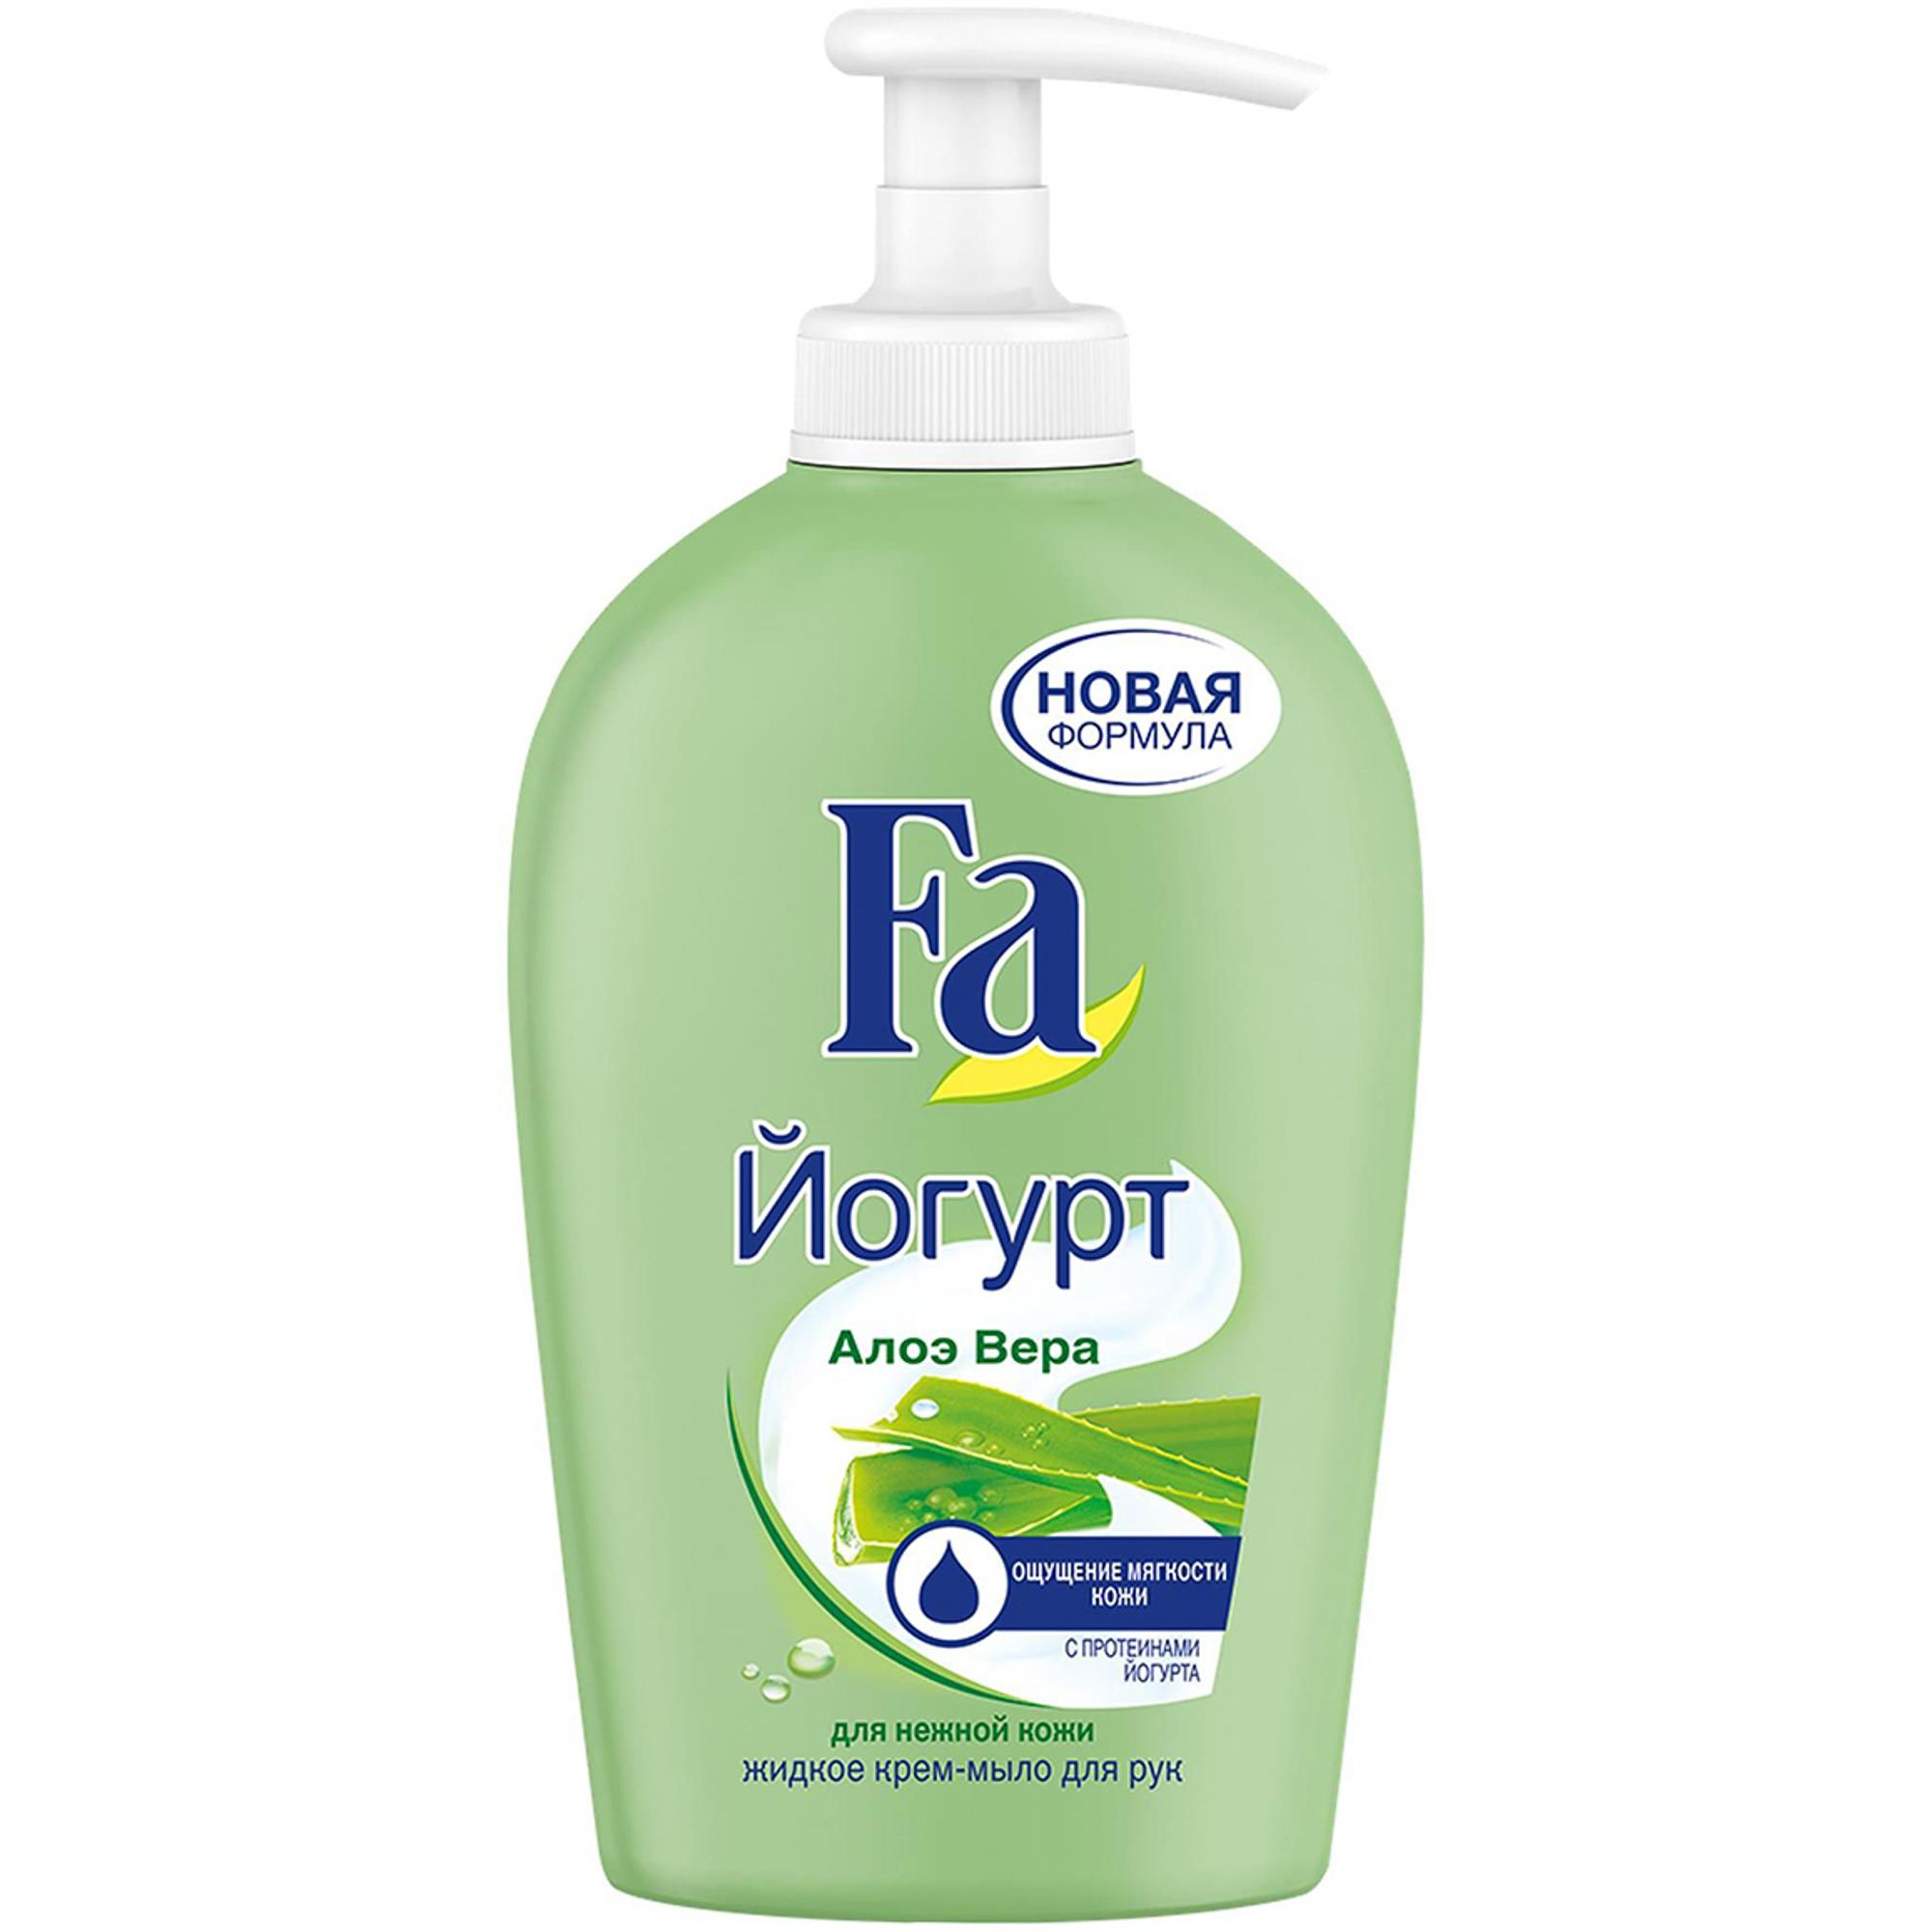 Жидкое крем-мыло Fa Yoghurt Алоэ Вера 250 мл